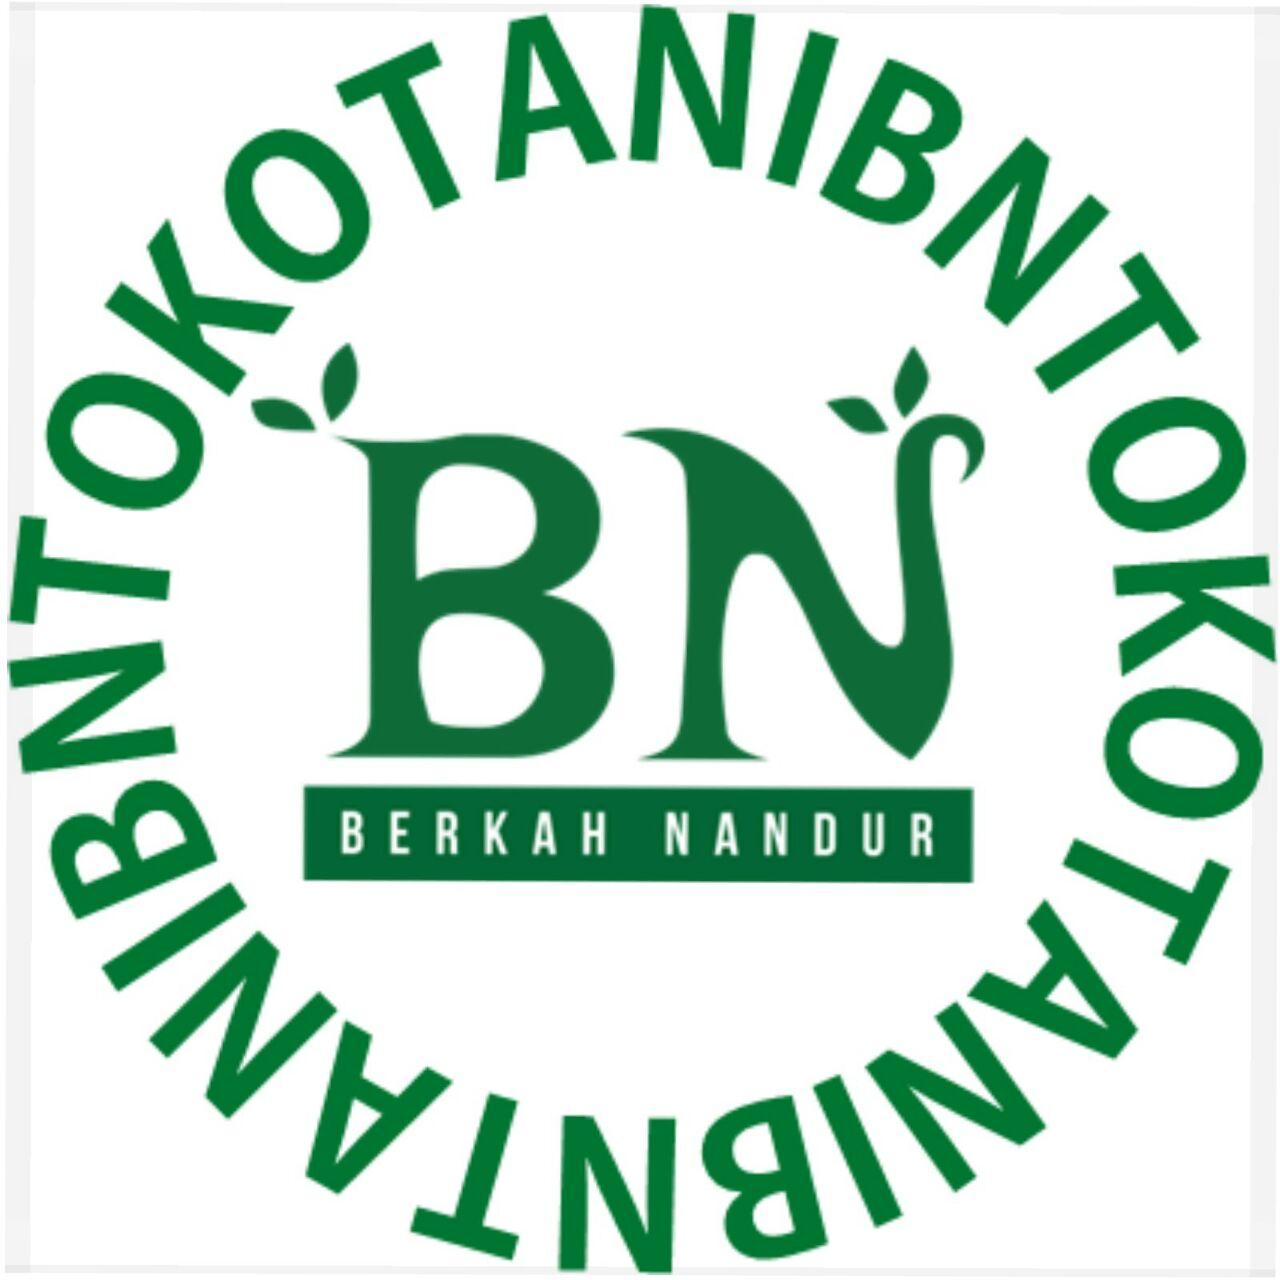 Toko Tani BN